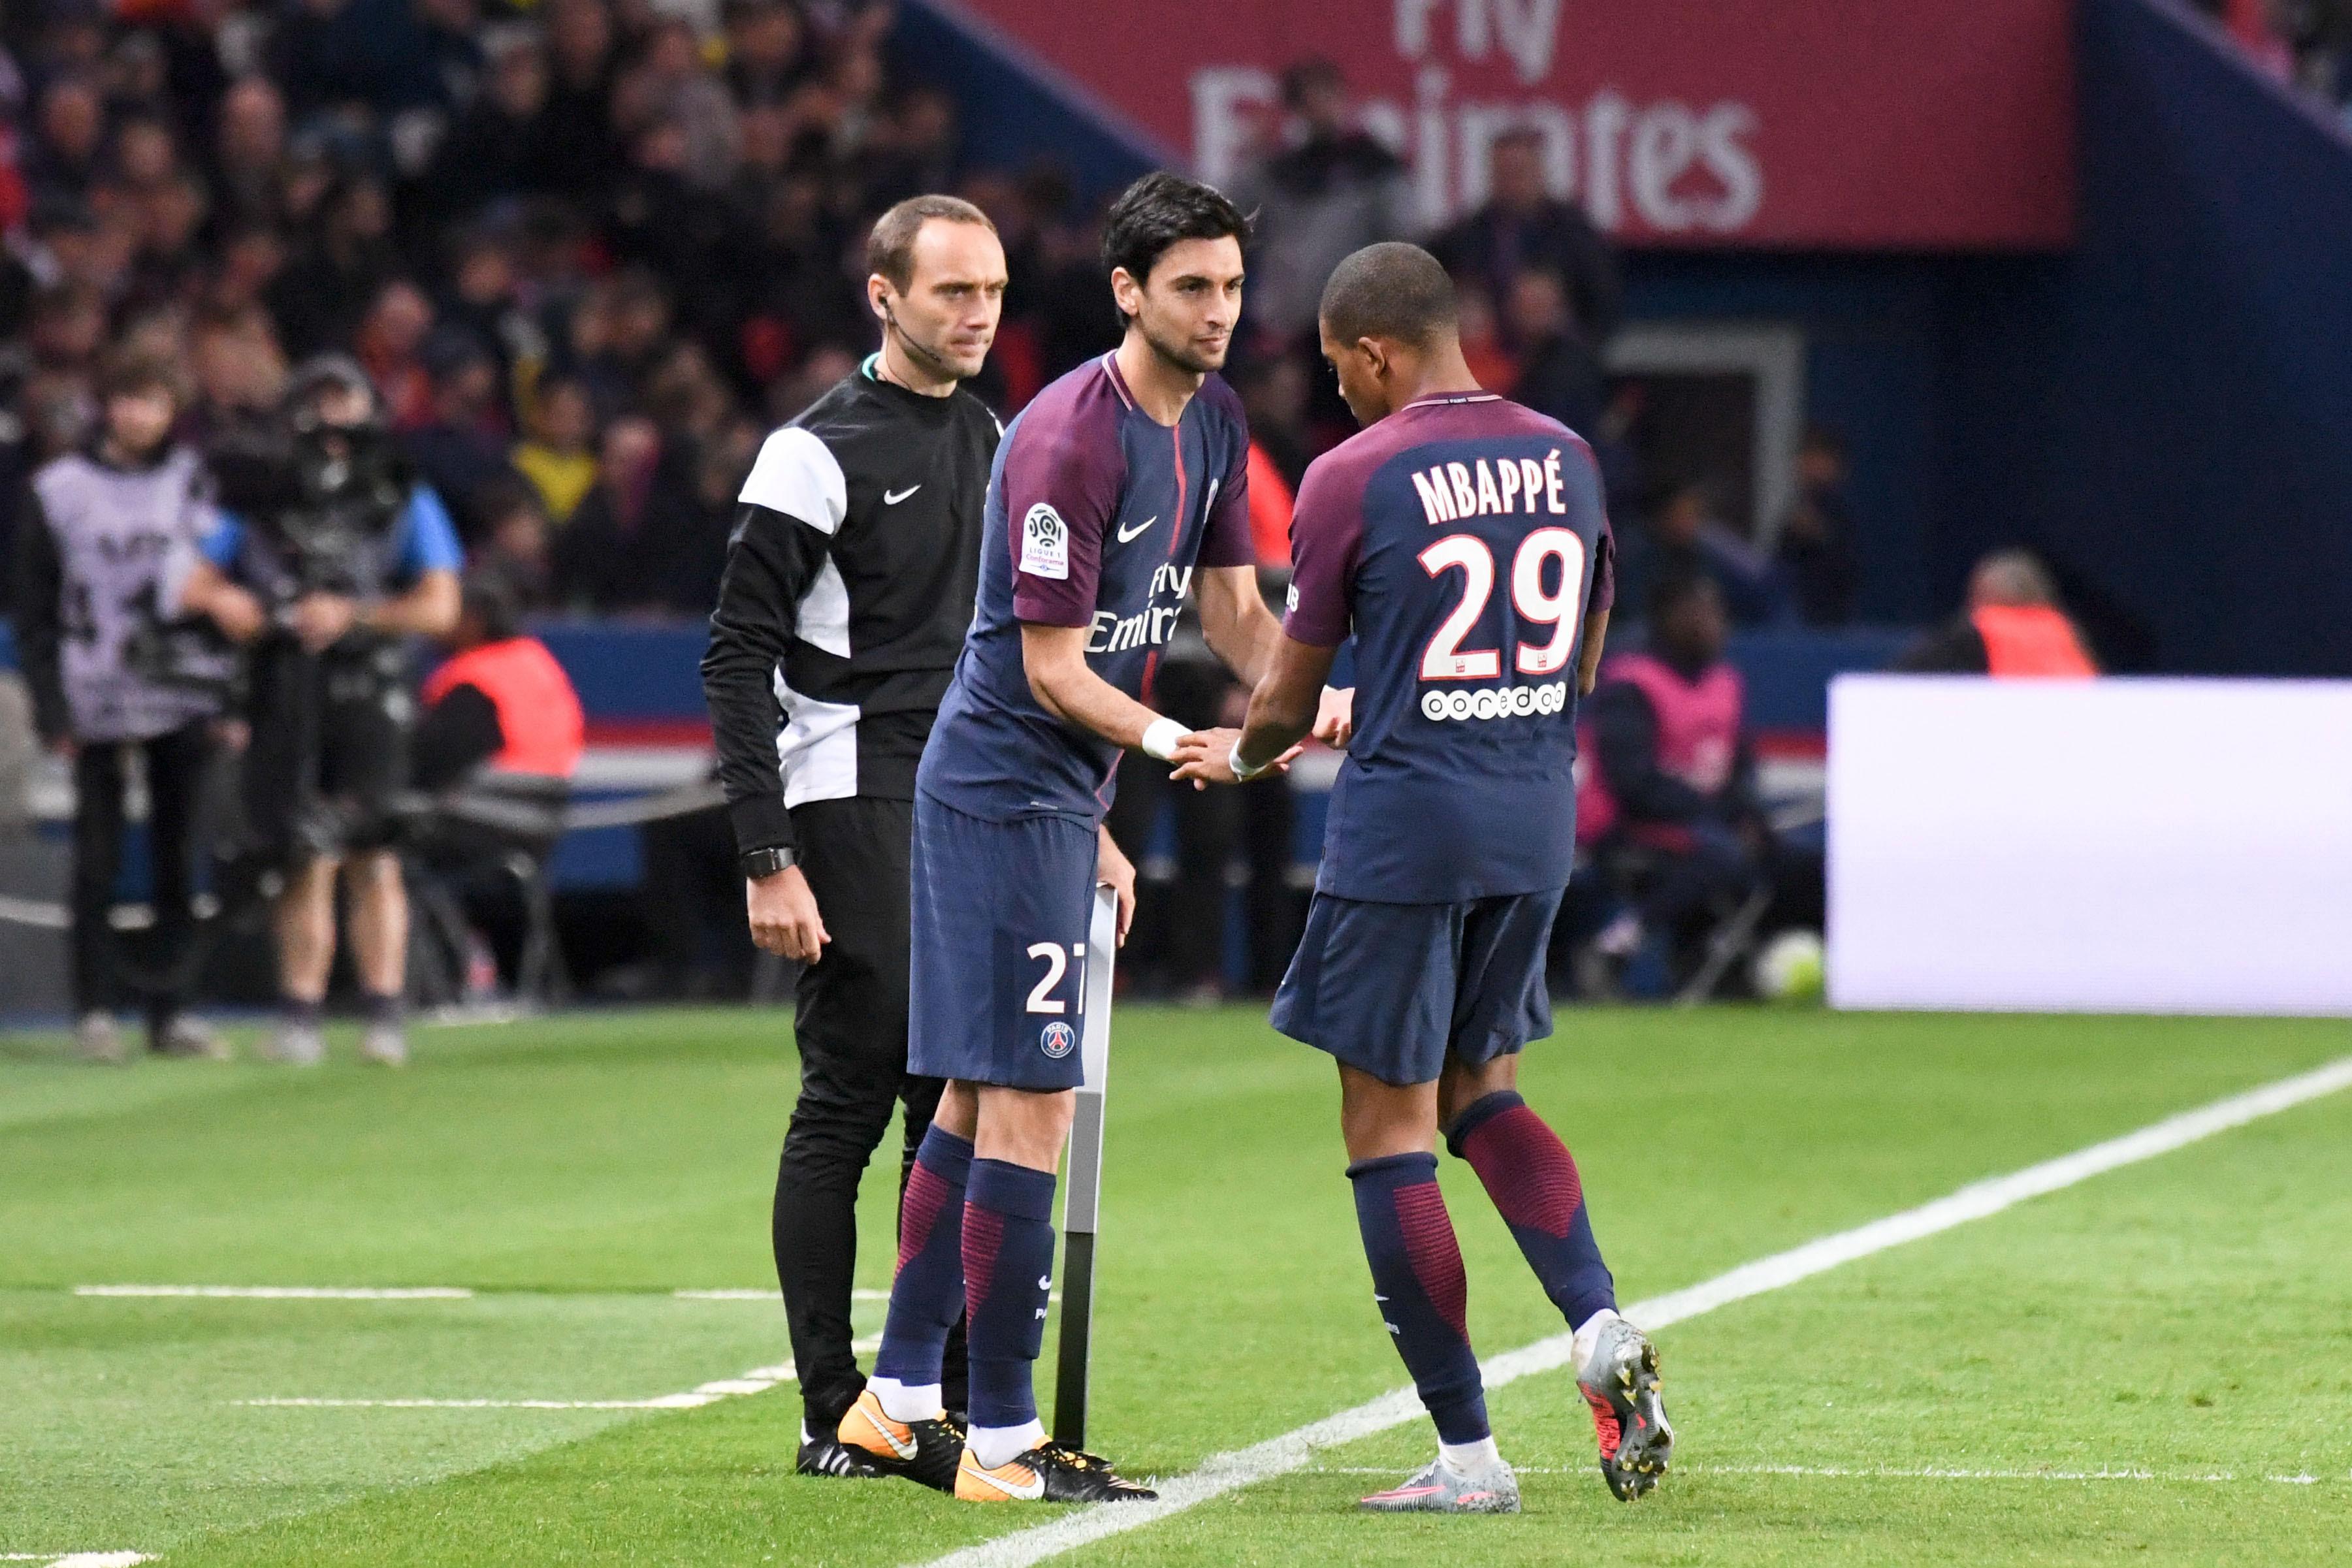 Football - Transferts - Le journal du mercato : Pastore aurait demandé à quitter le PSG